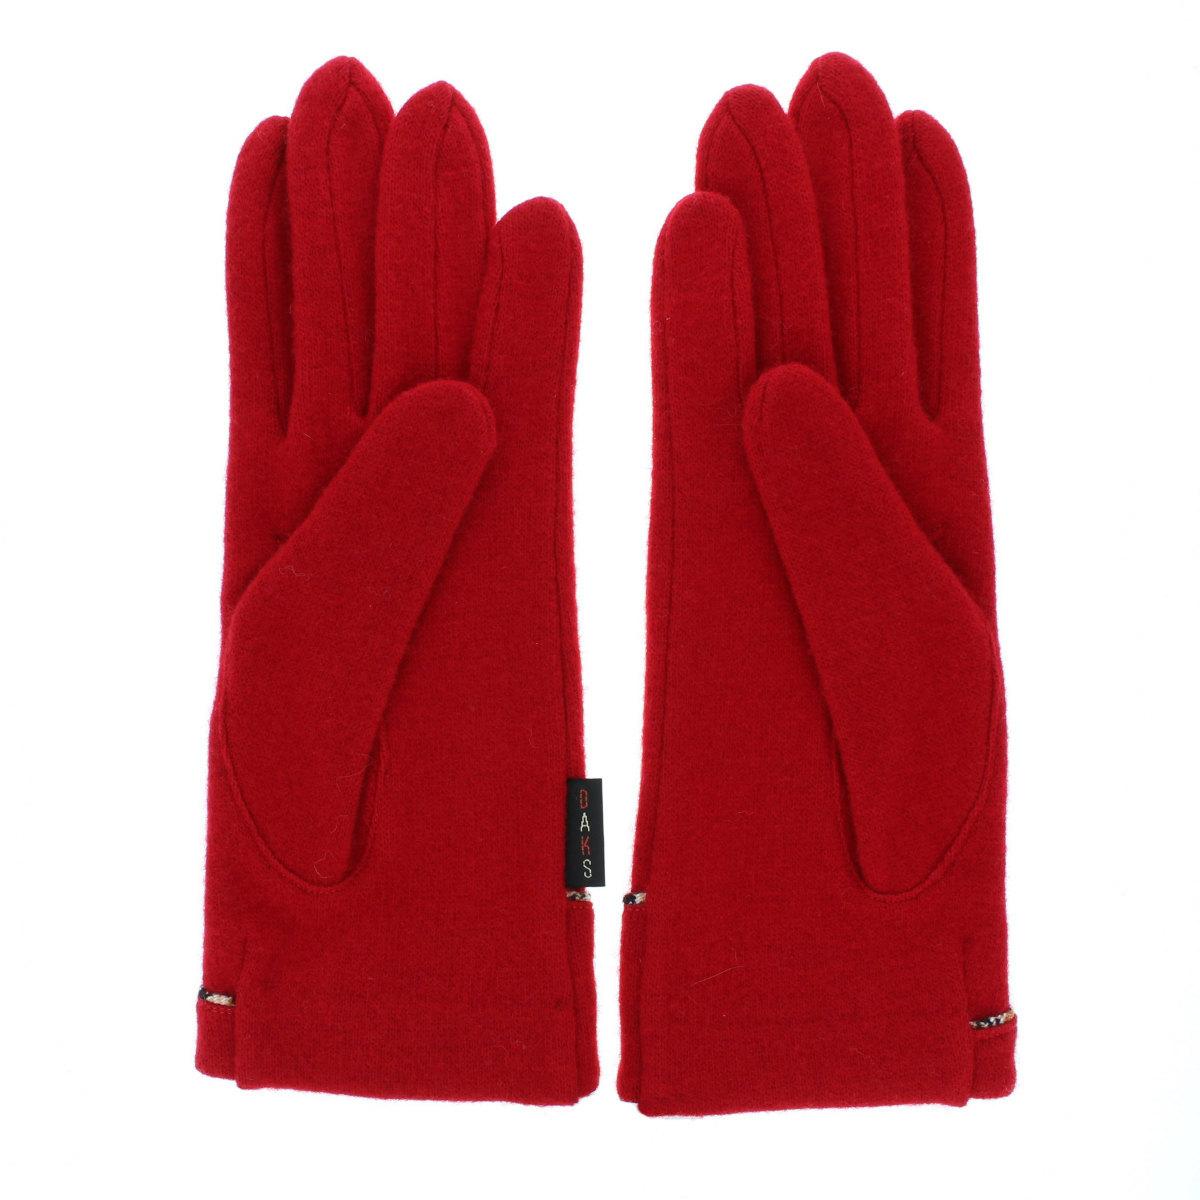 【SALE】DAKS タスマニアラム ジャージ 婦人手袋 五本指 ダックスフント刺繍 女性用21〜22cm(M)